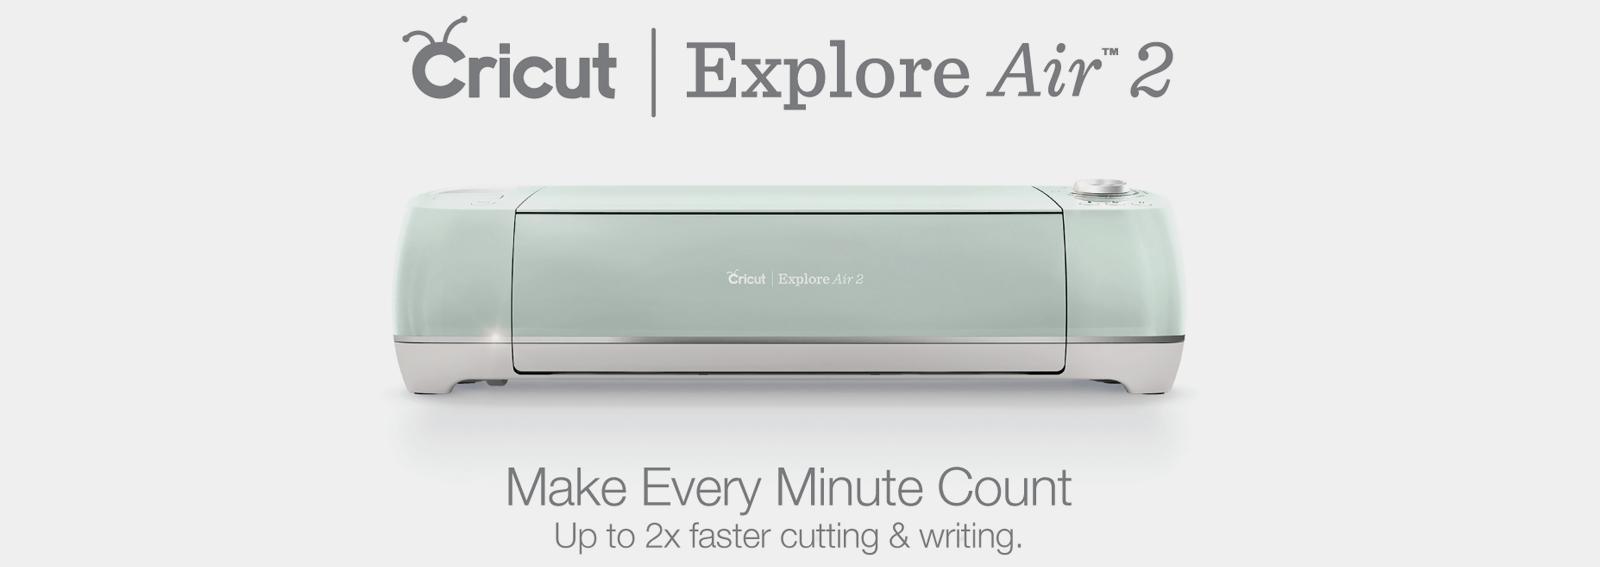 Get a Cricut Explore Air 2